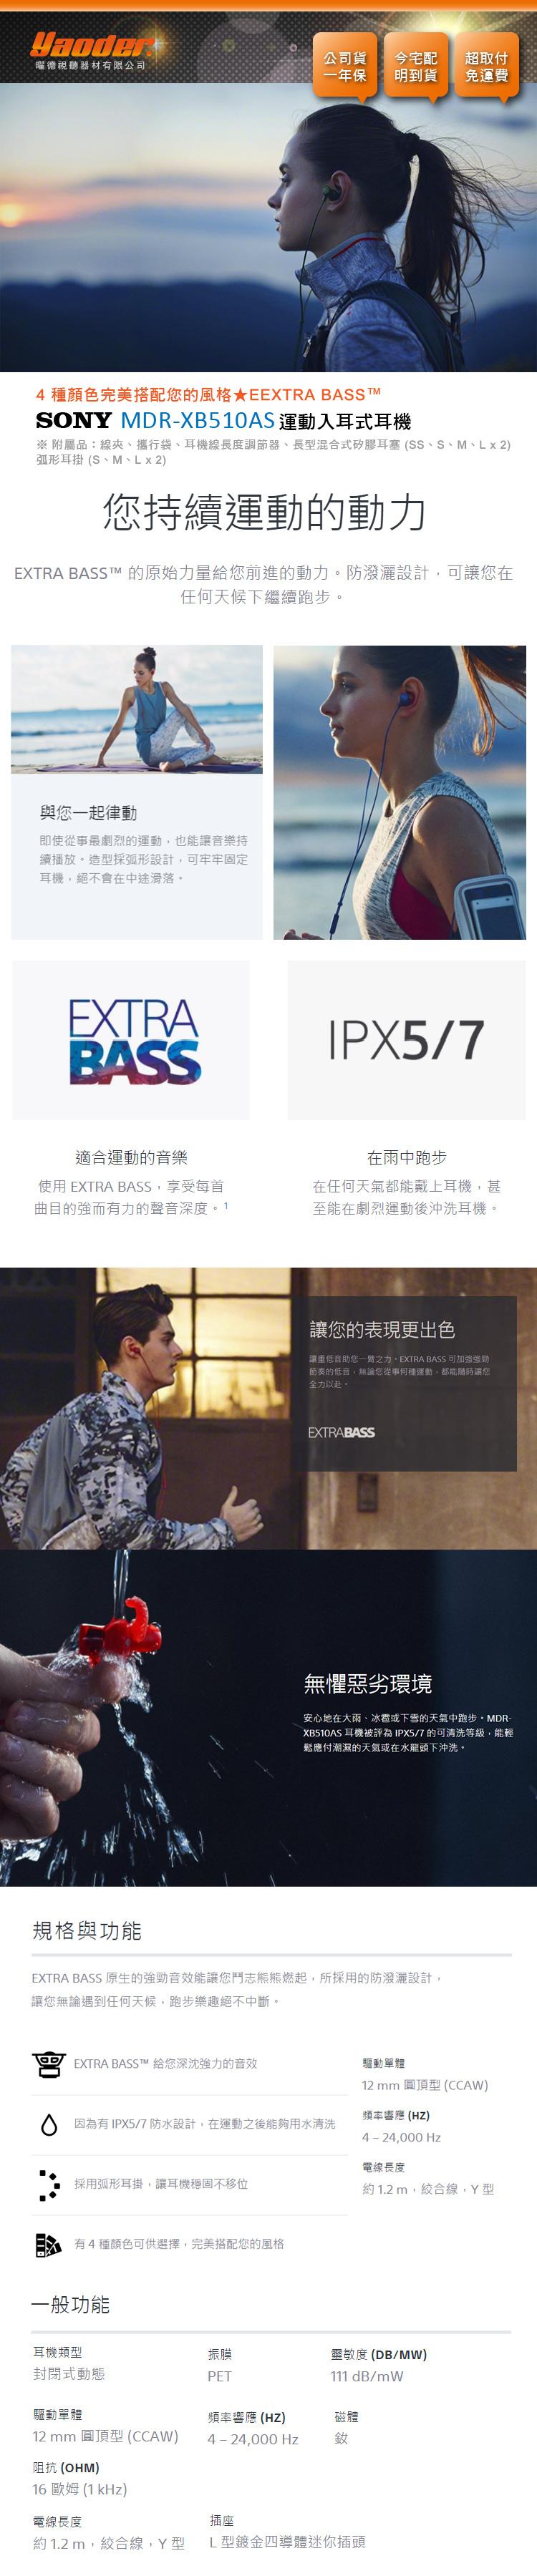 XB510AS